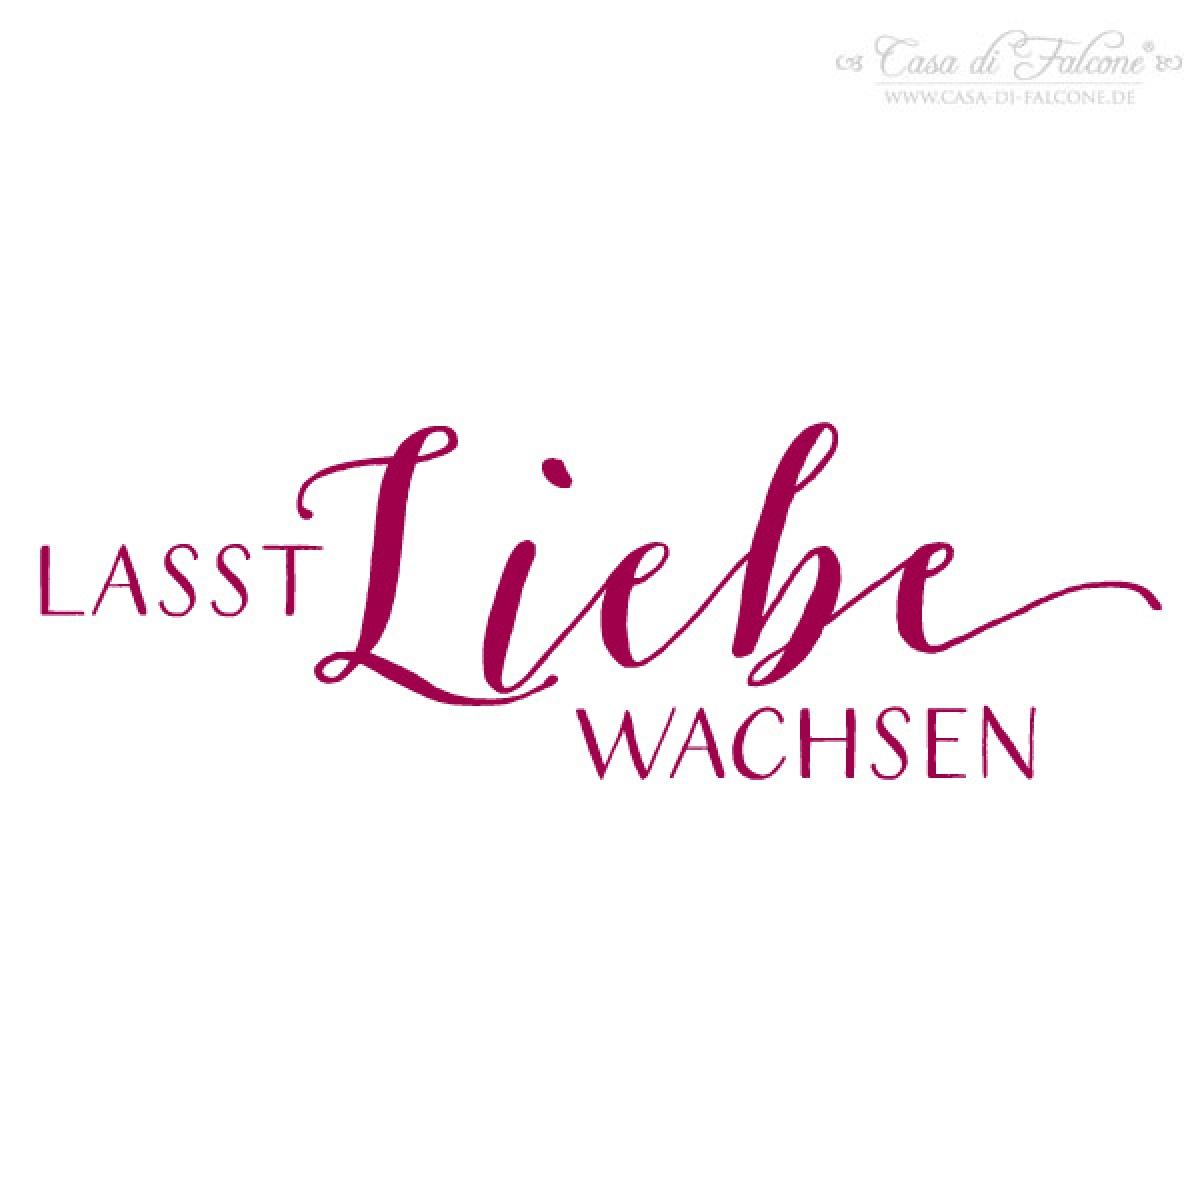 Hochzeit Stempel Lasst Liebe Wachsen Kalligrafie I